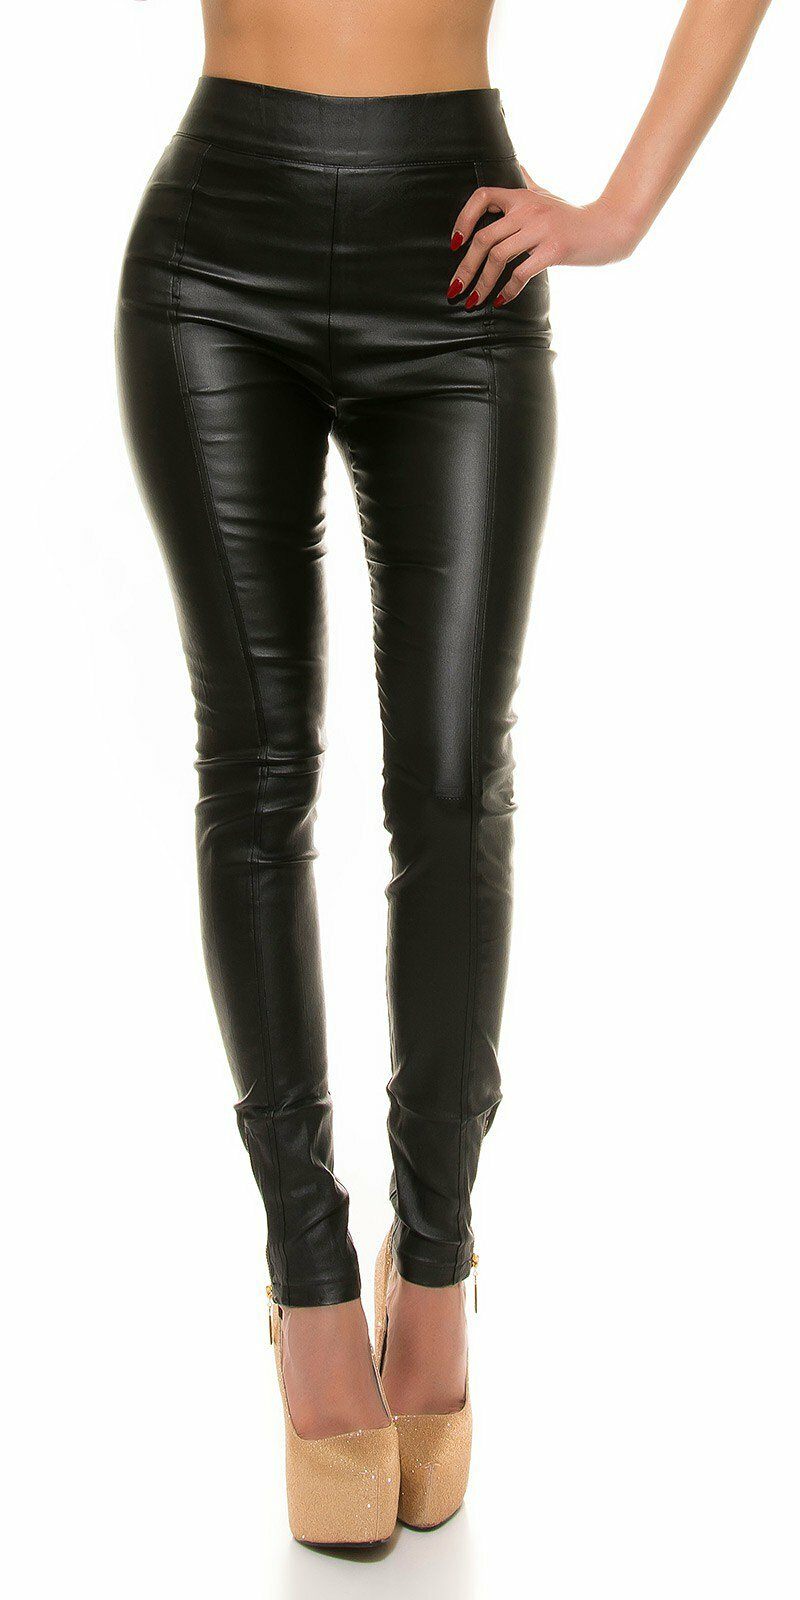 408f05bd6a28 Dámske nohavice koženého vzhľadu s vysokým pásom  Veľkosť L Farba Čierna